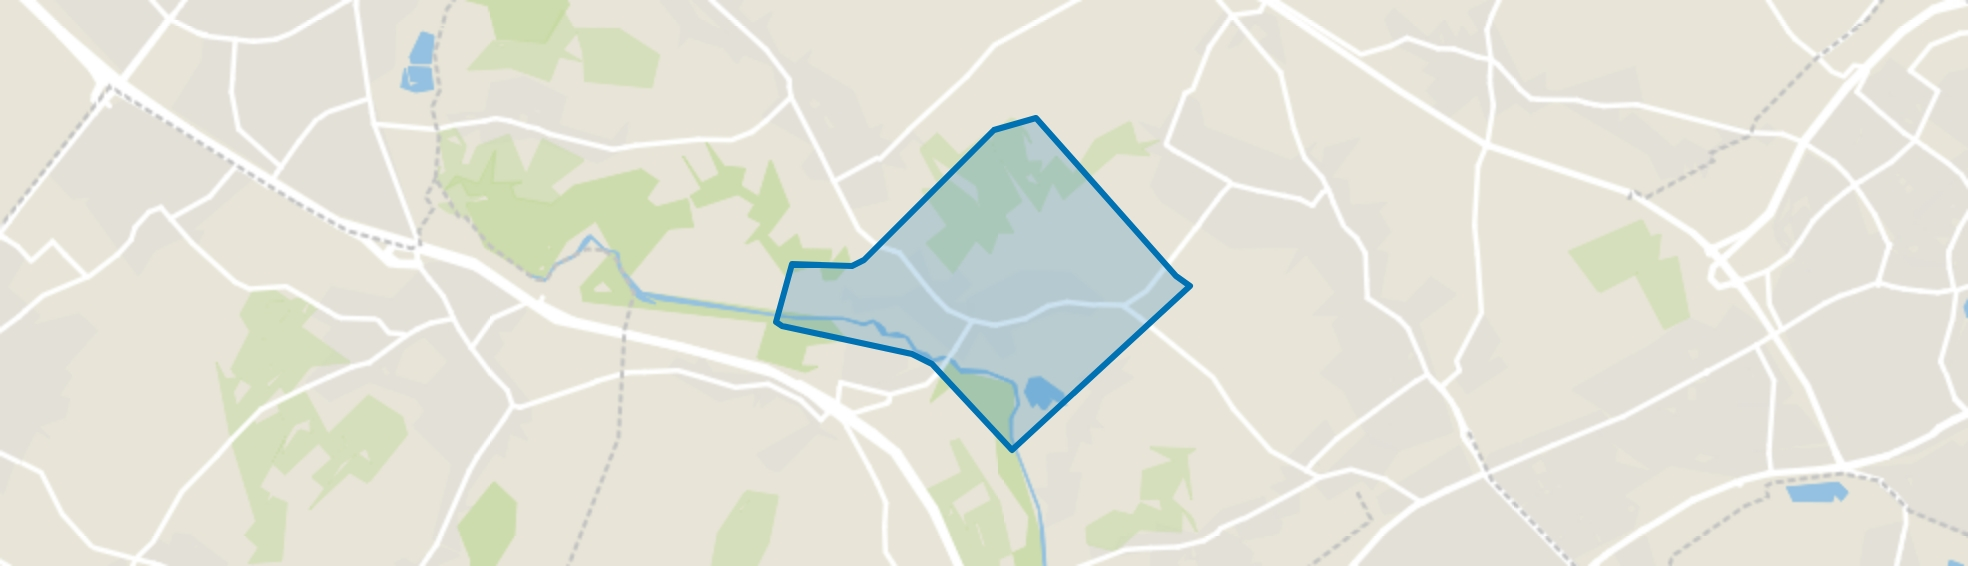 Schinnen, Schinnen map